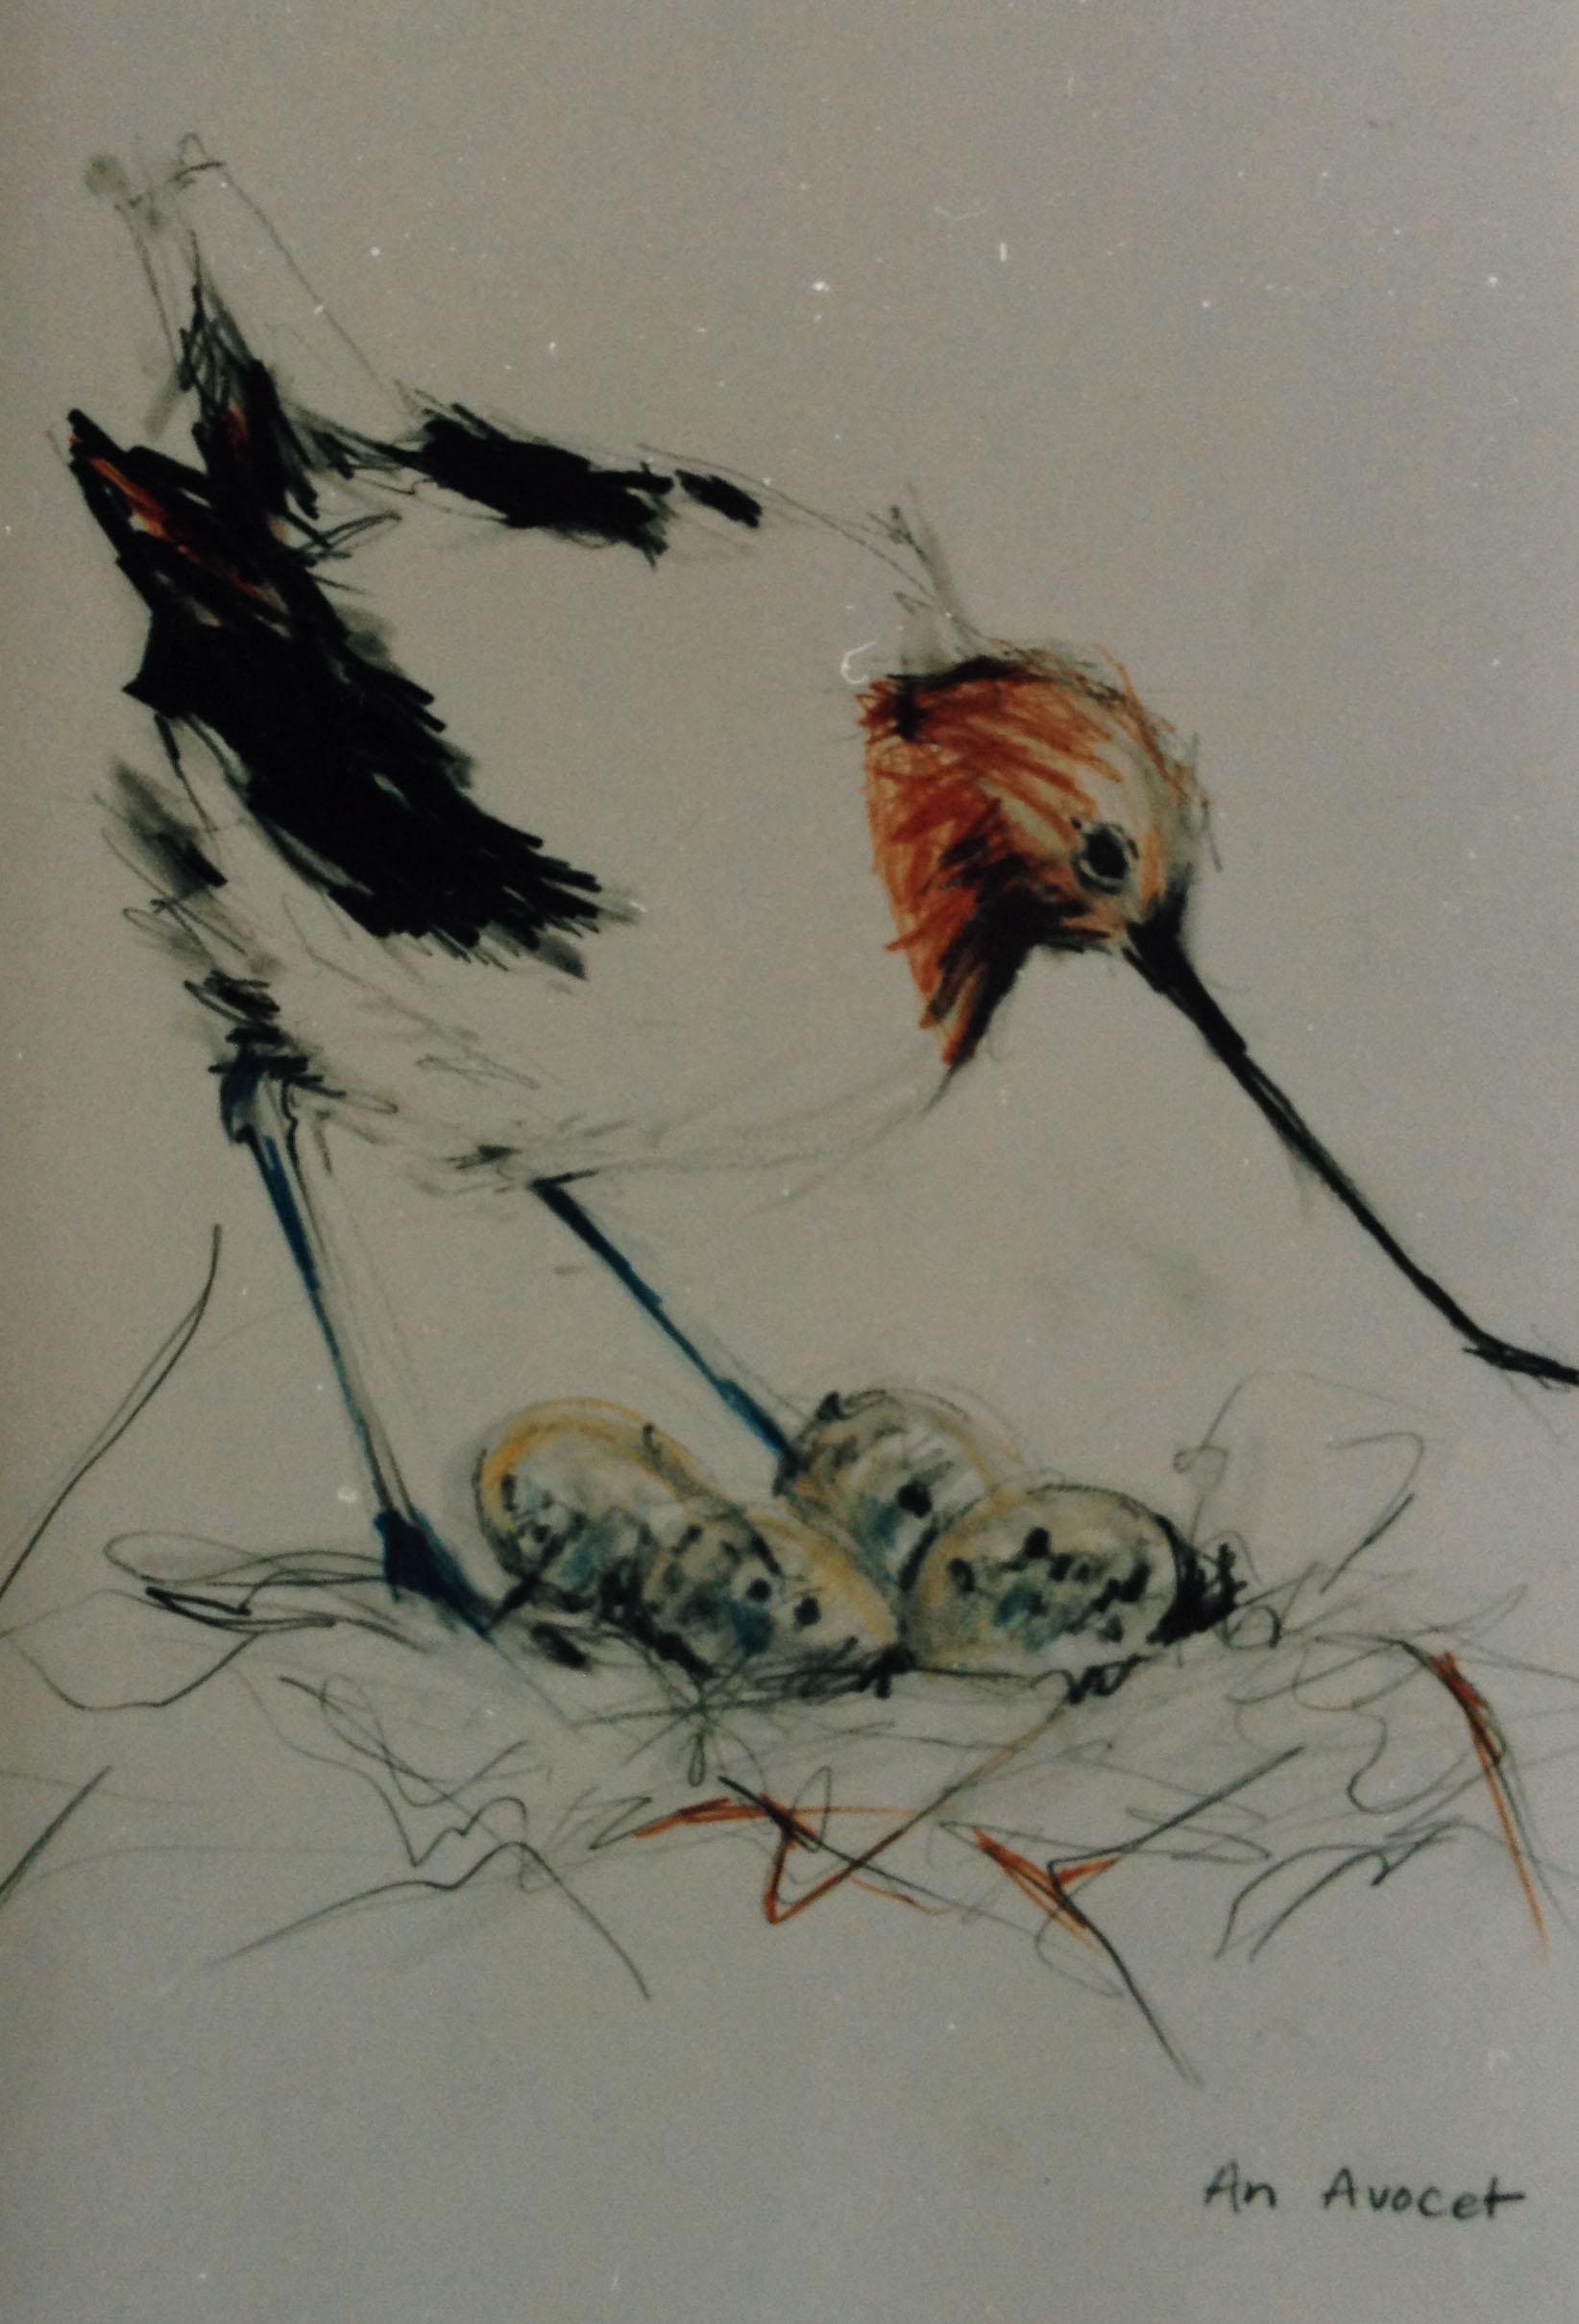 an avocet